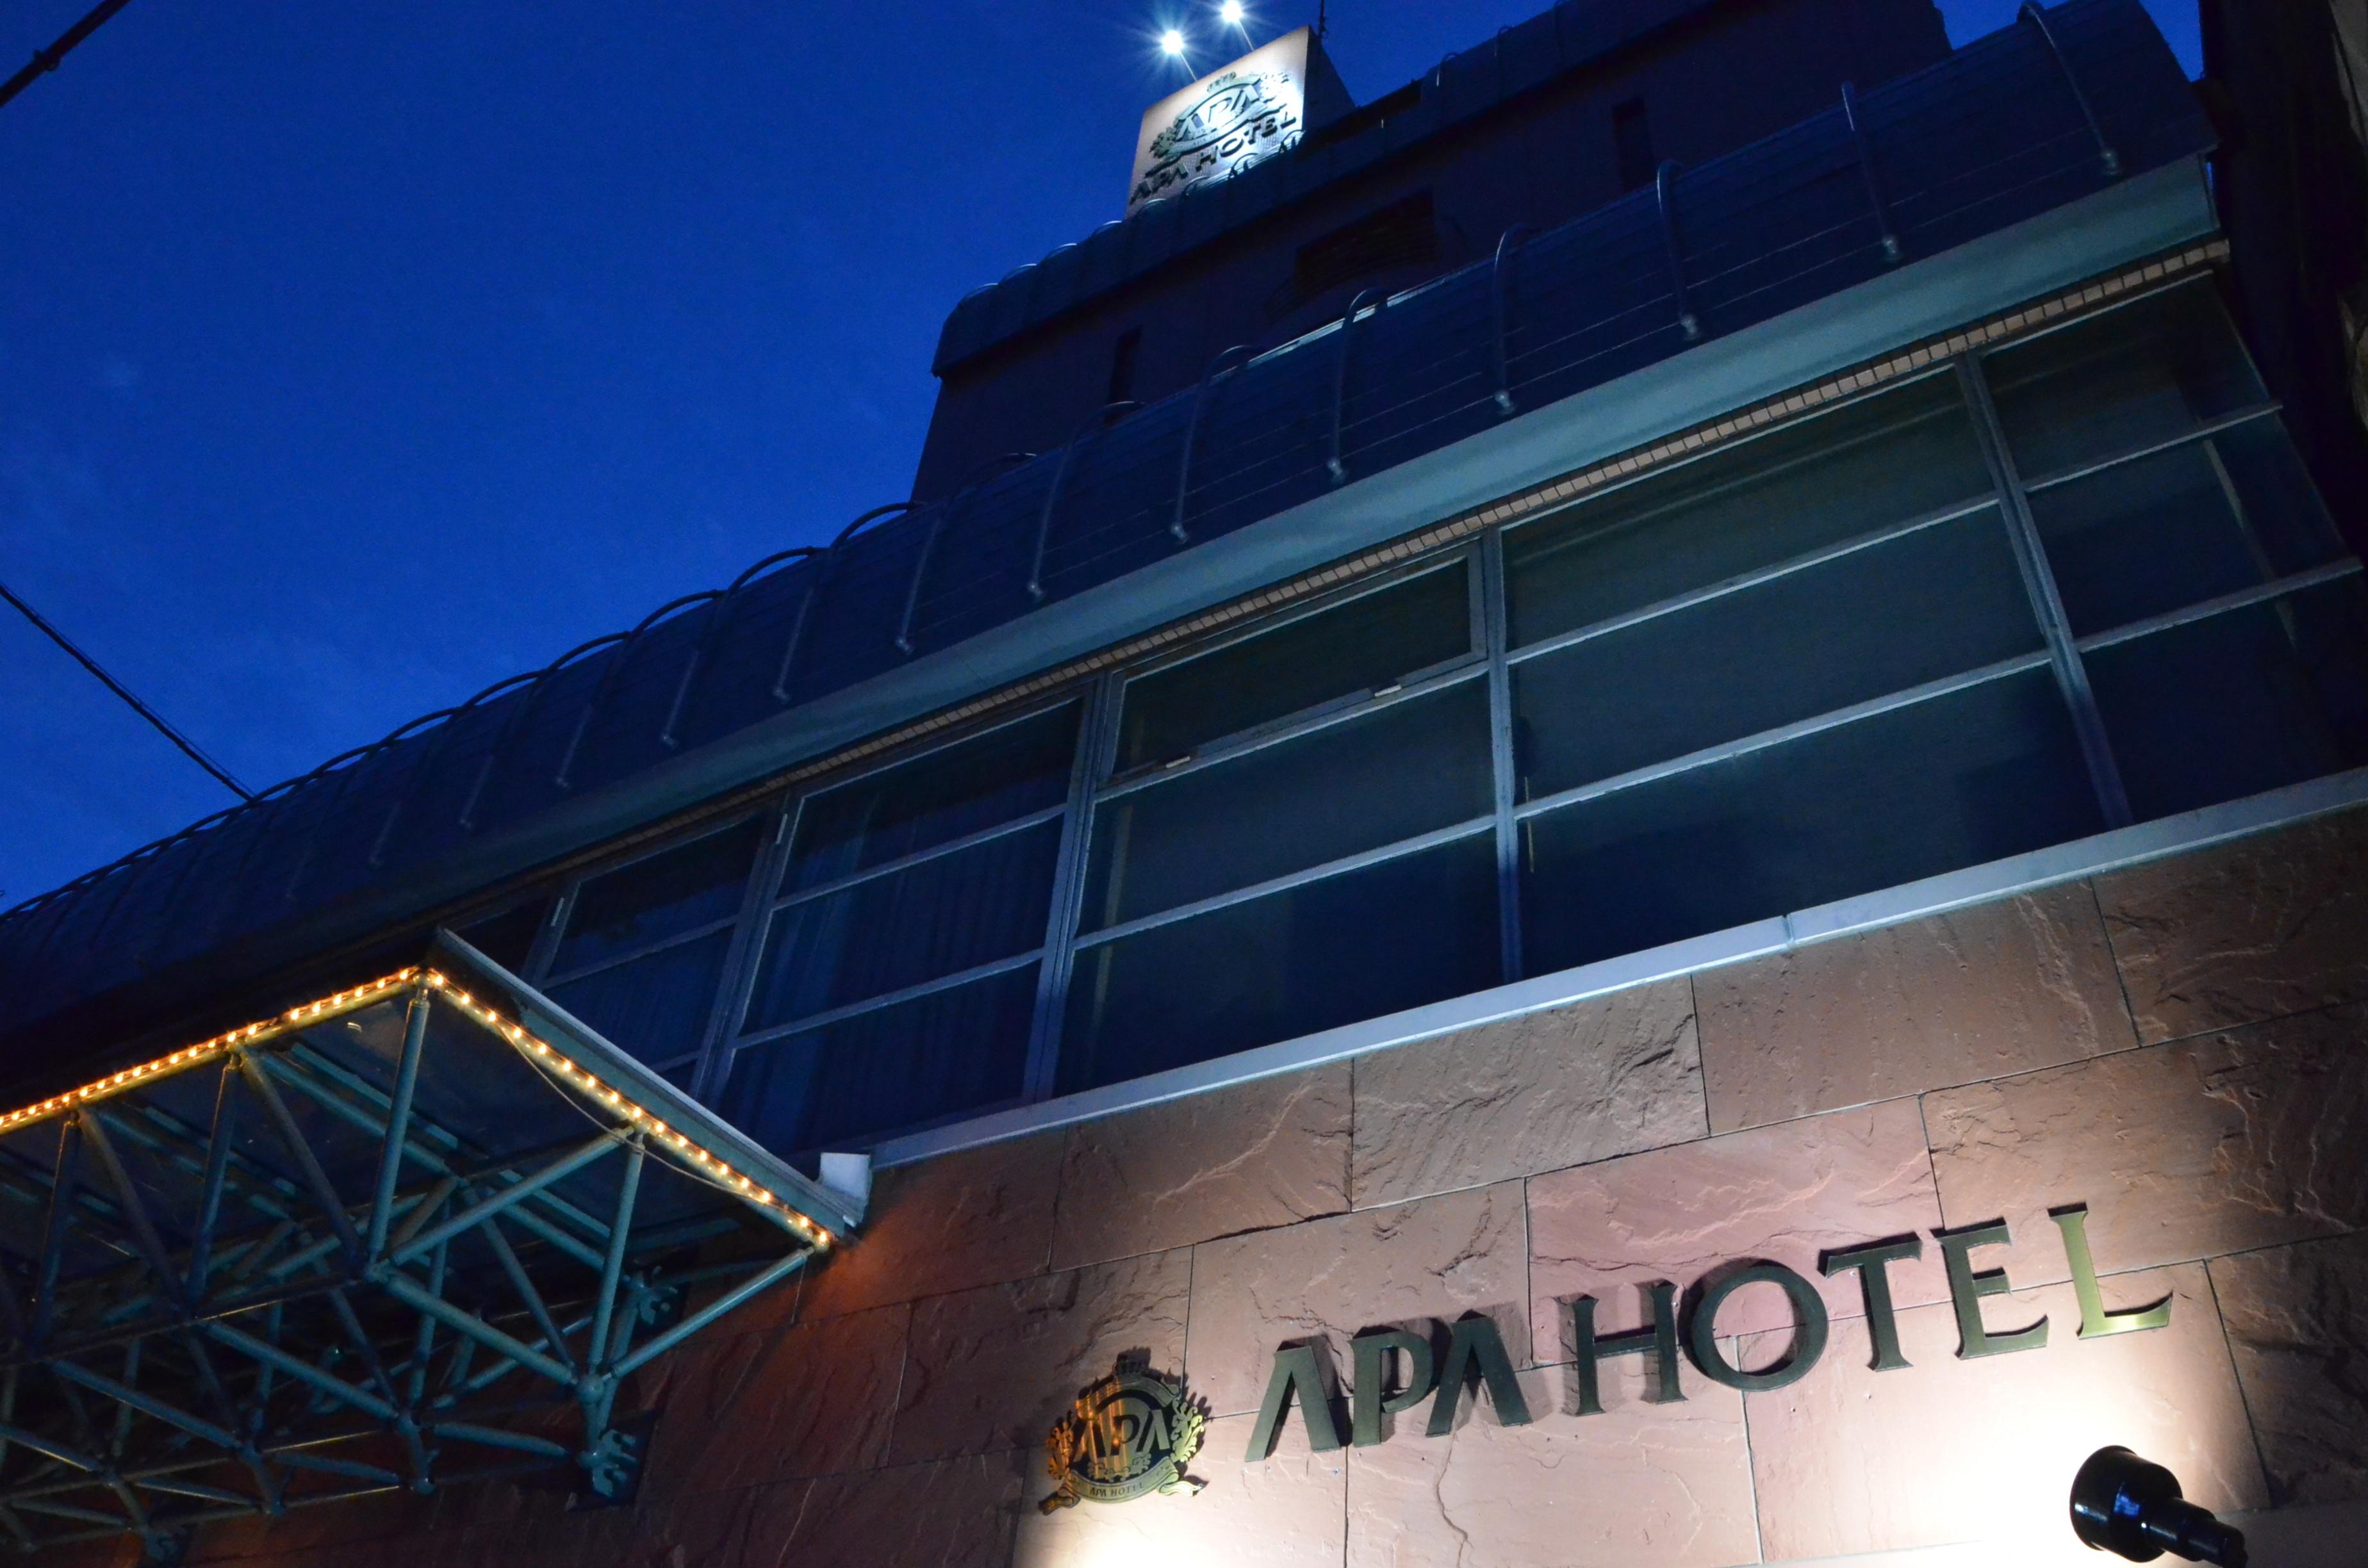 アパホテル〈関空岸和田〉 のアルバイト情報